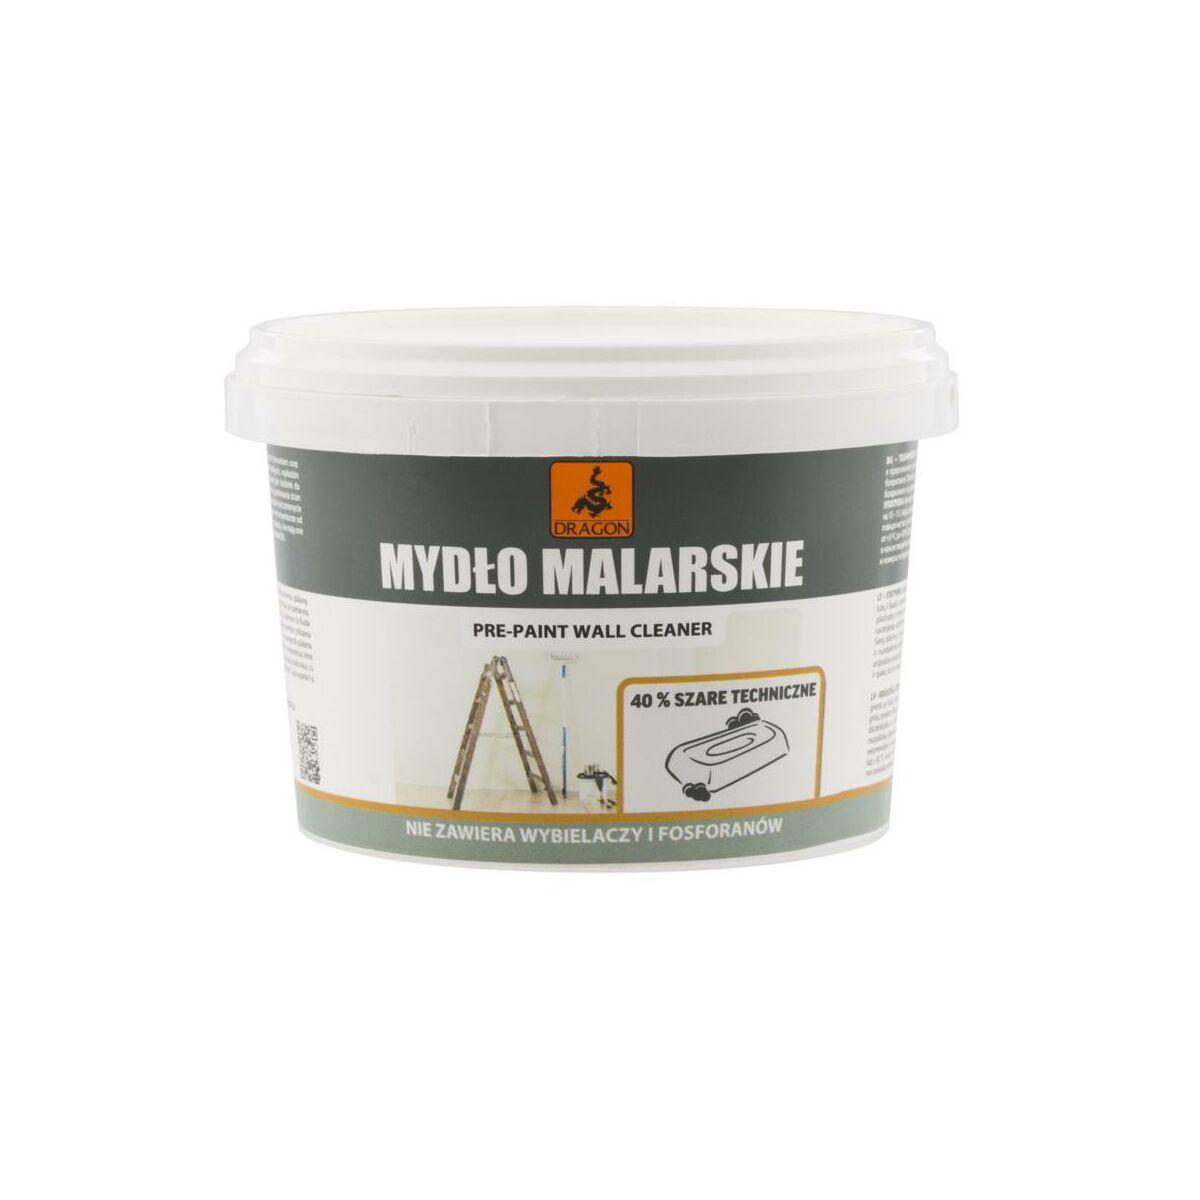 Mydlo Malarskie 40 0 4 Kg Szare Dragon Srodki Do Czyszczenia Podlog W Atrakcyjnej Cenie W Sklepach Leroy Merlin